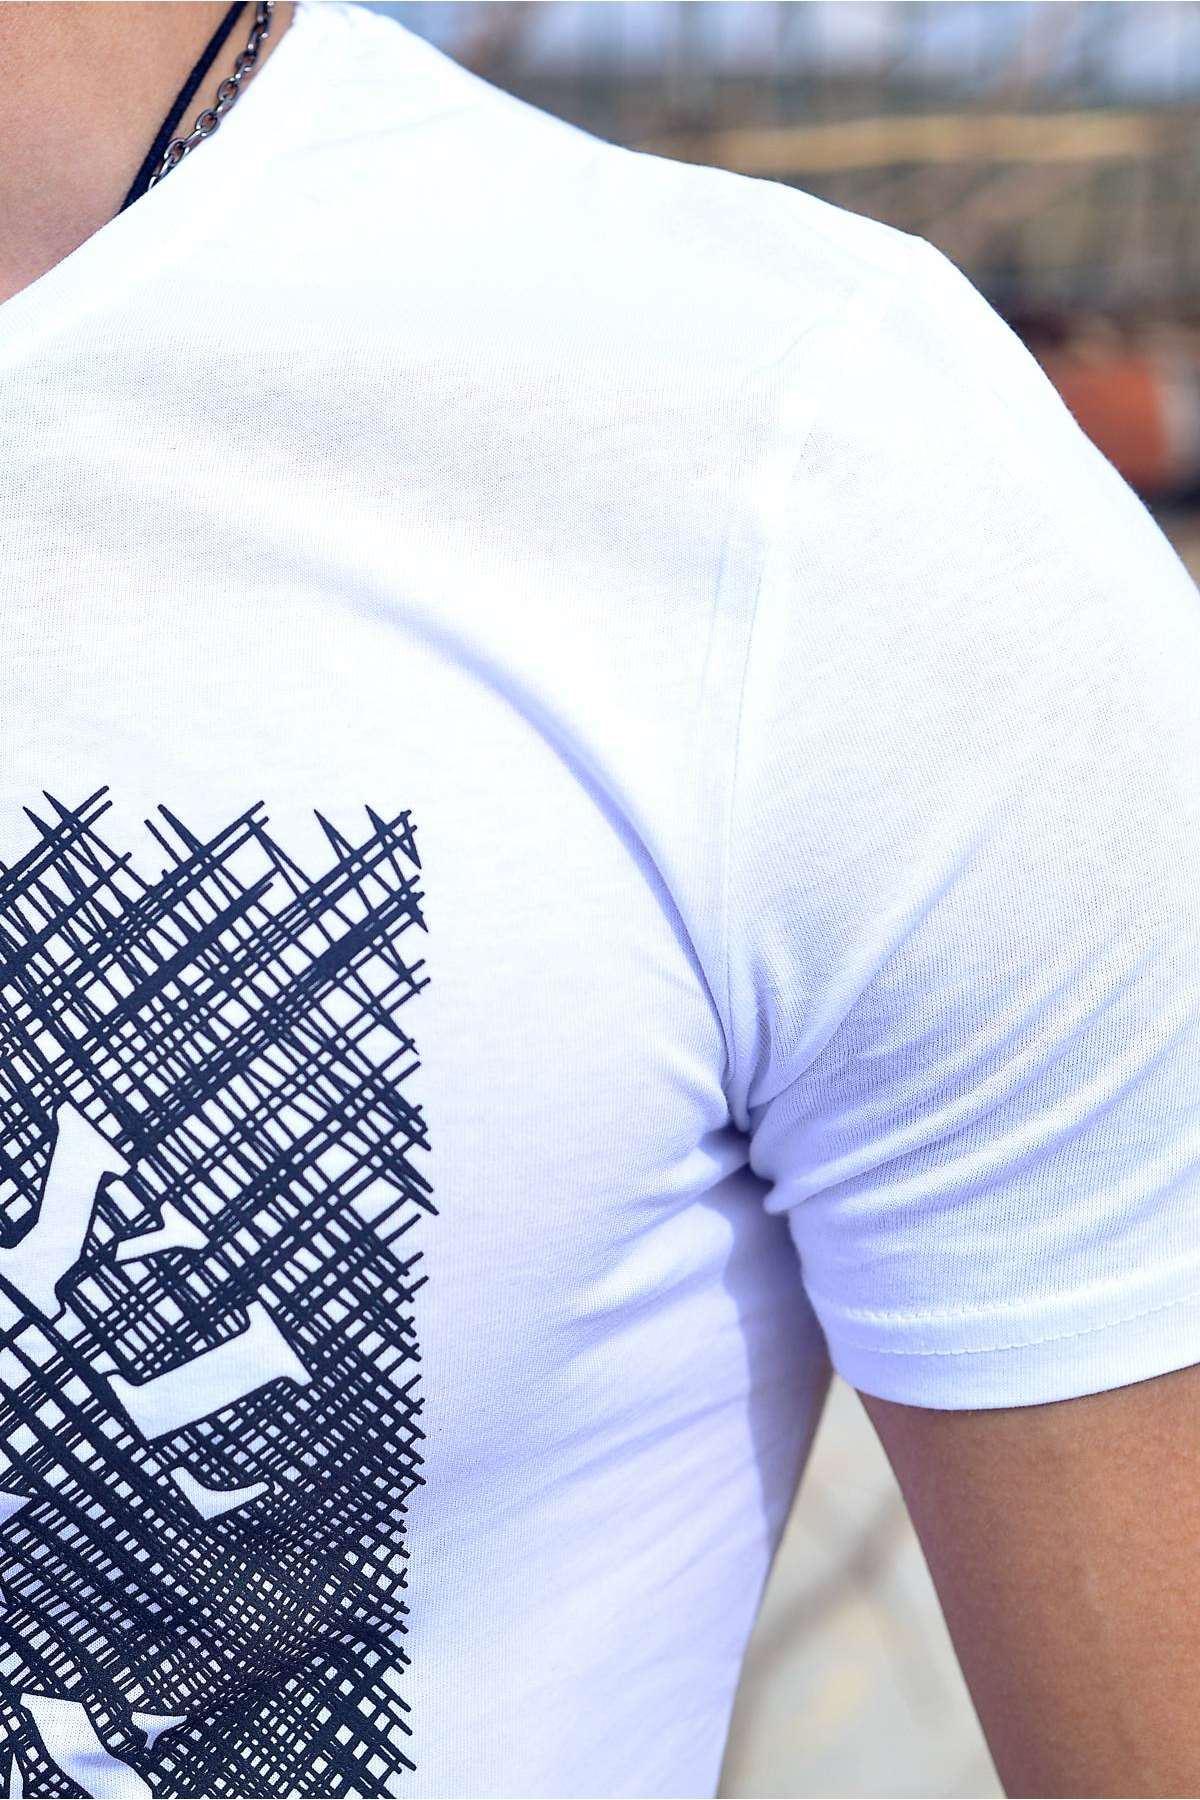 Önü Machinist Kabartma Yıldız Desenli Tişört Beyaz